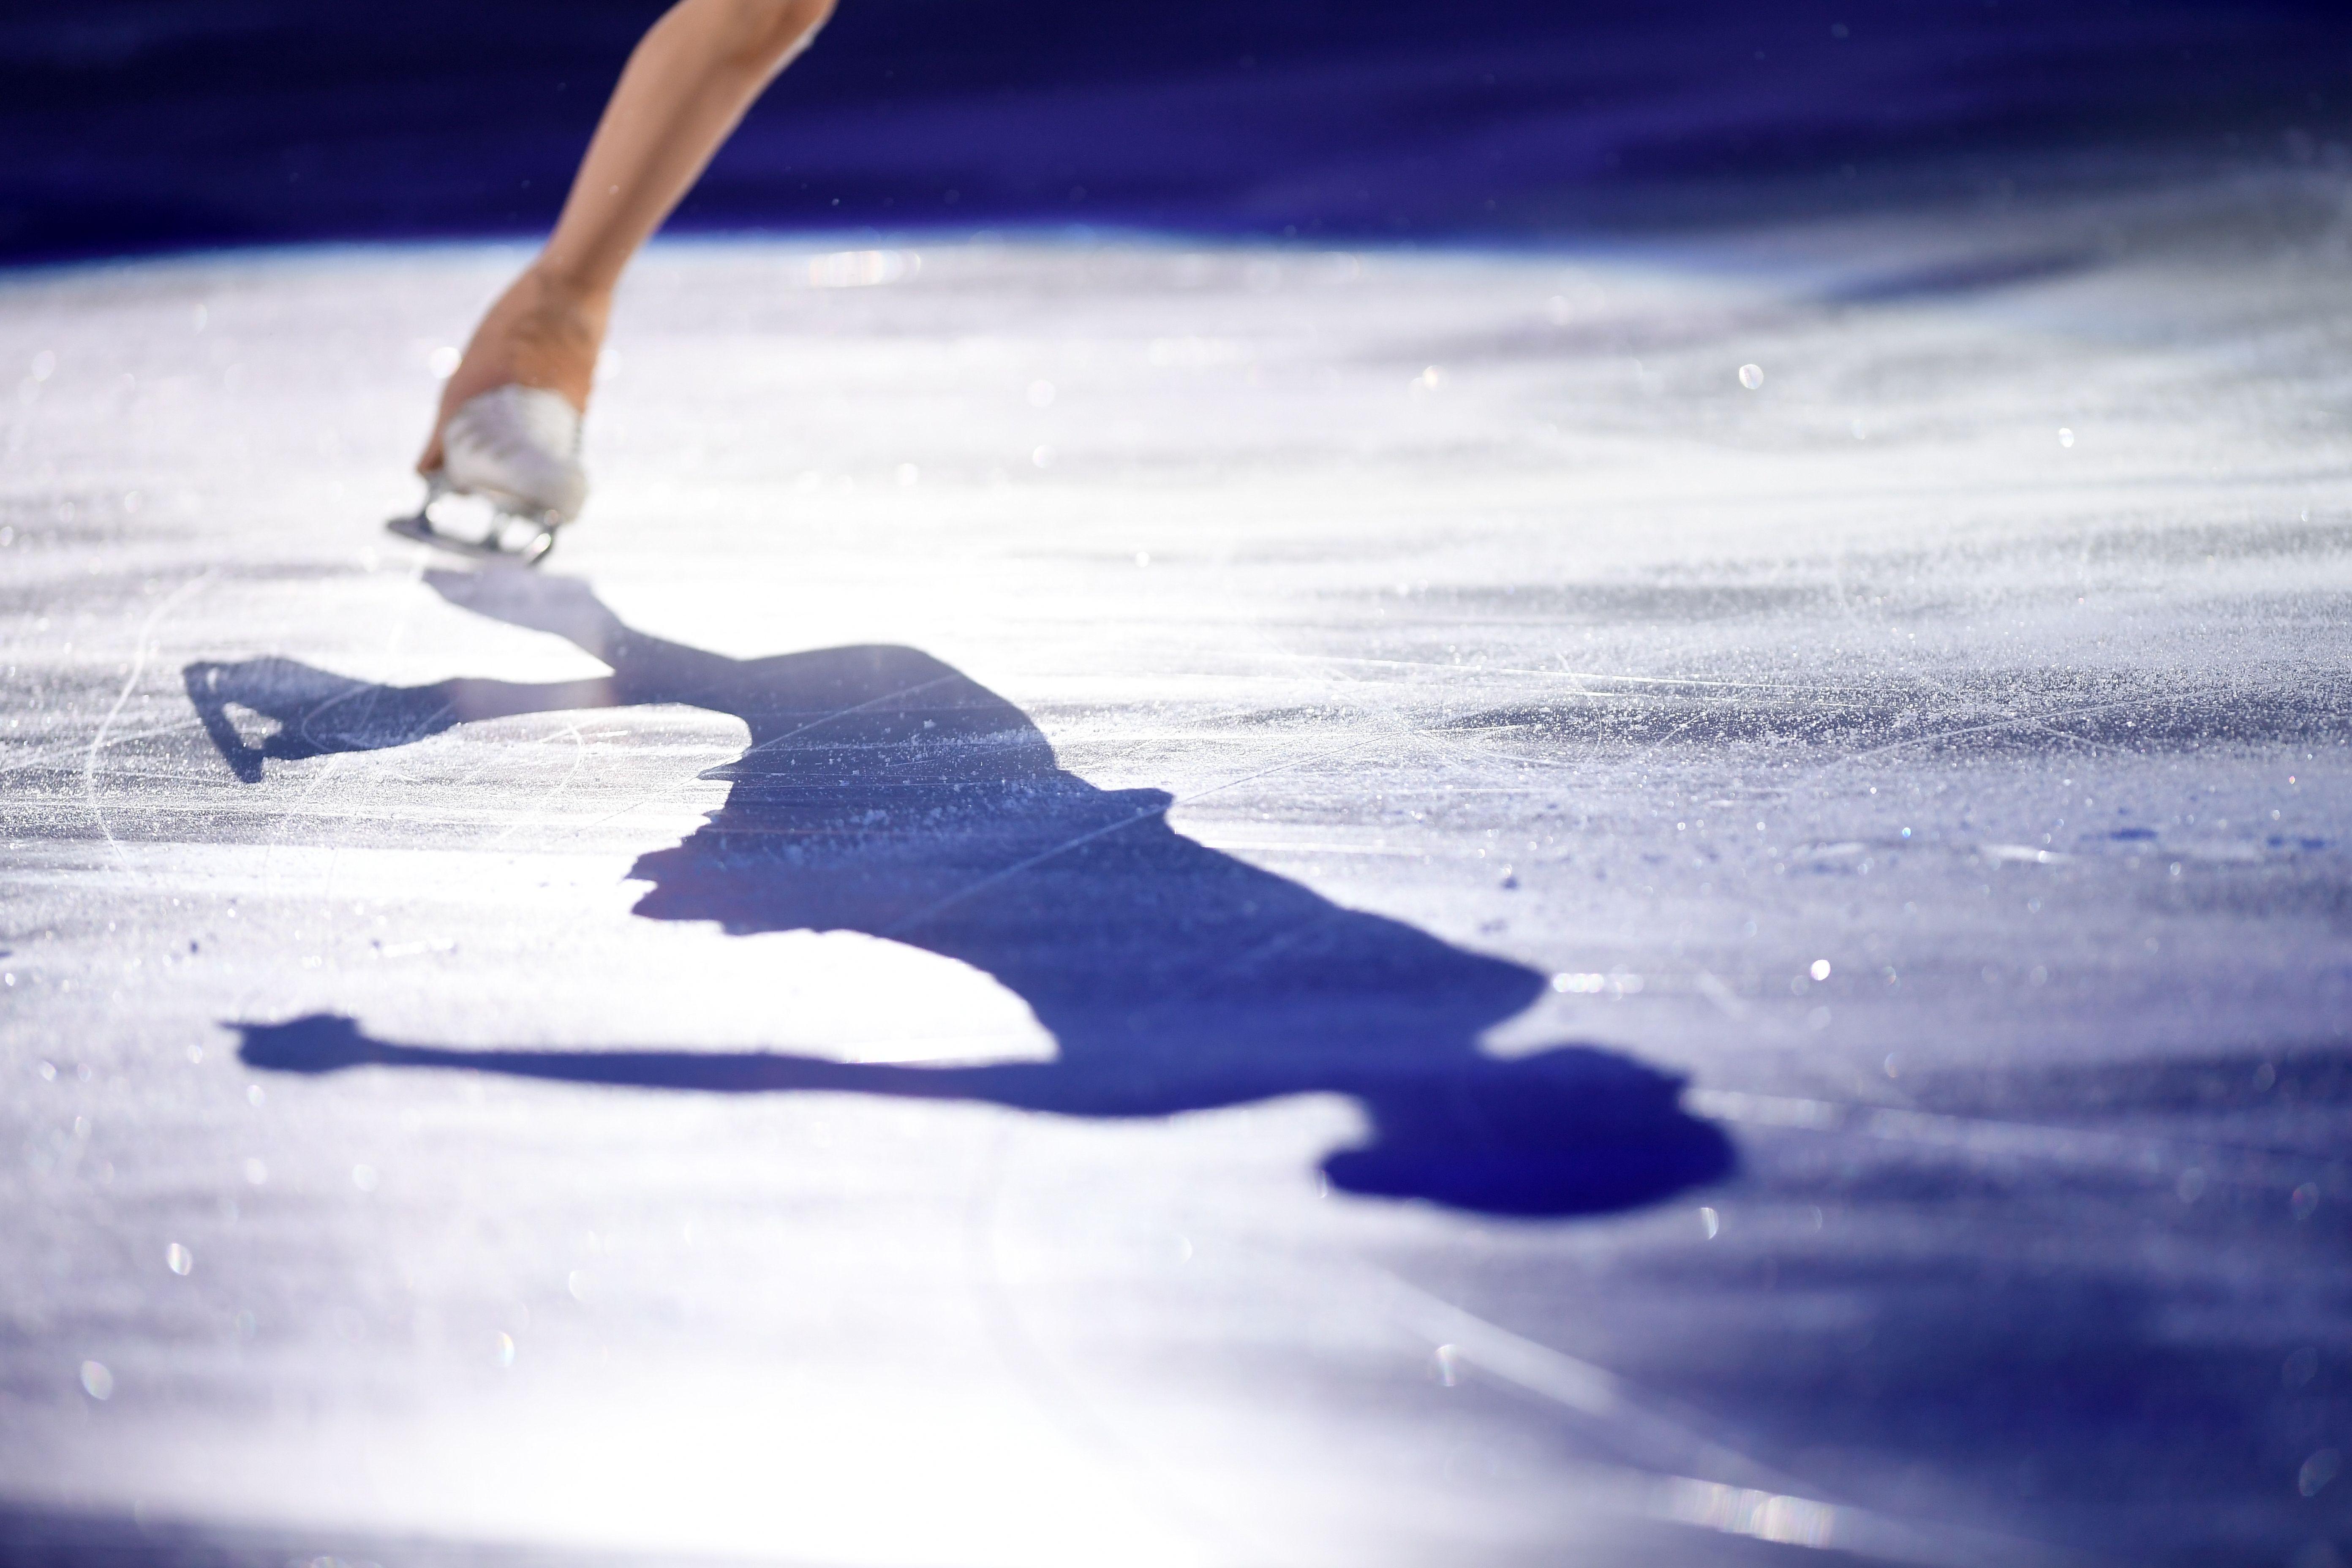 Валиева выиграла финал Кубка России по фигурному катанию: все результаты